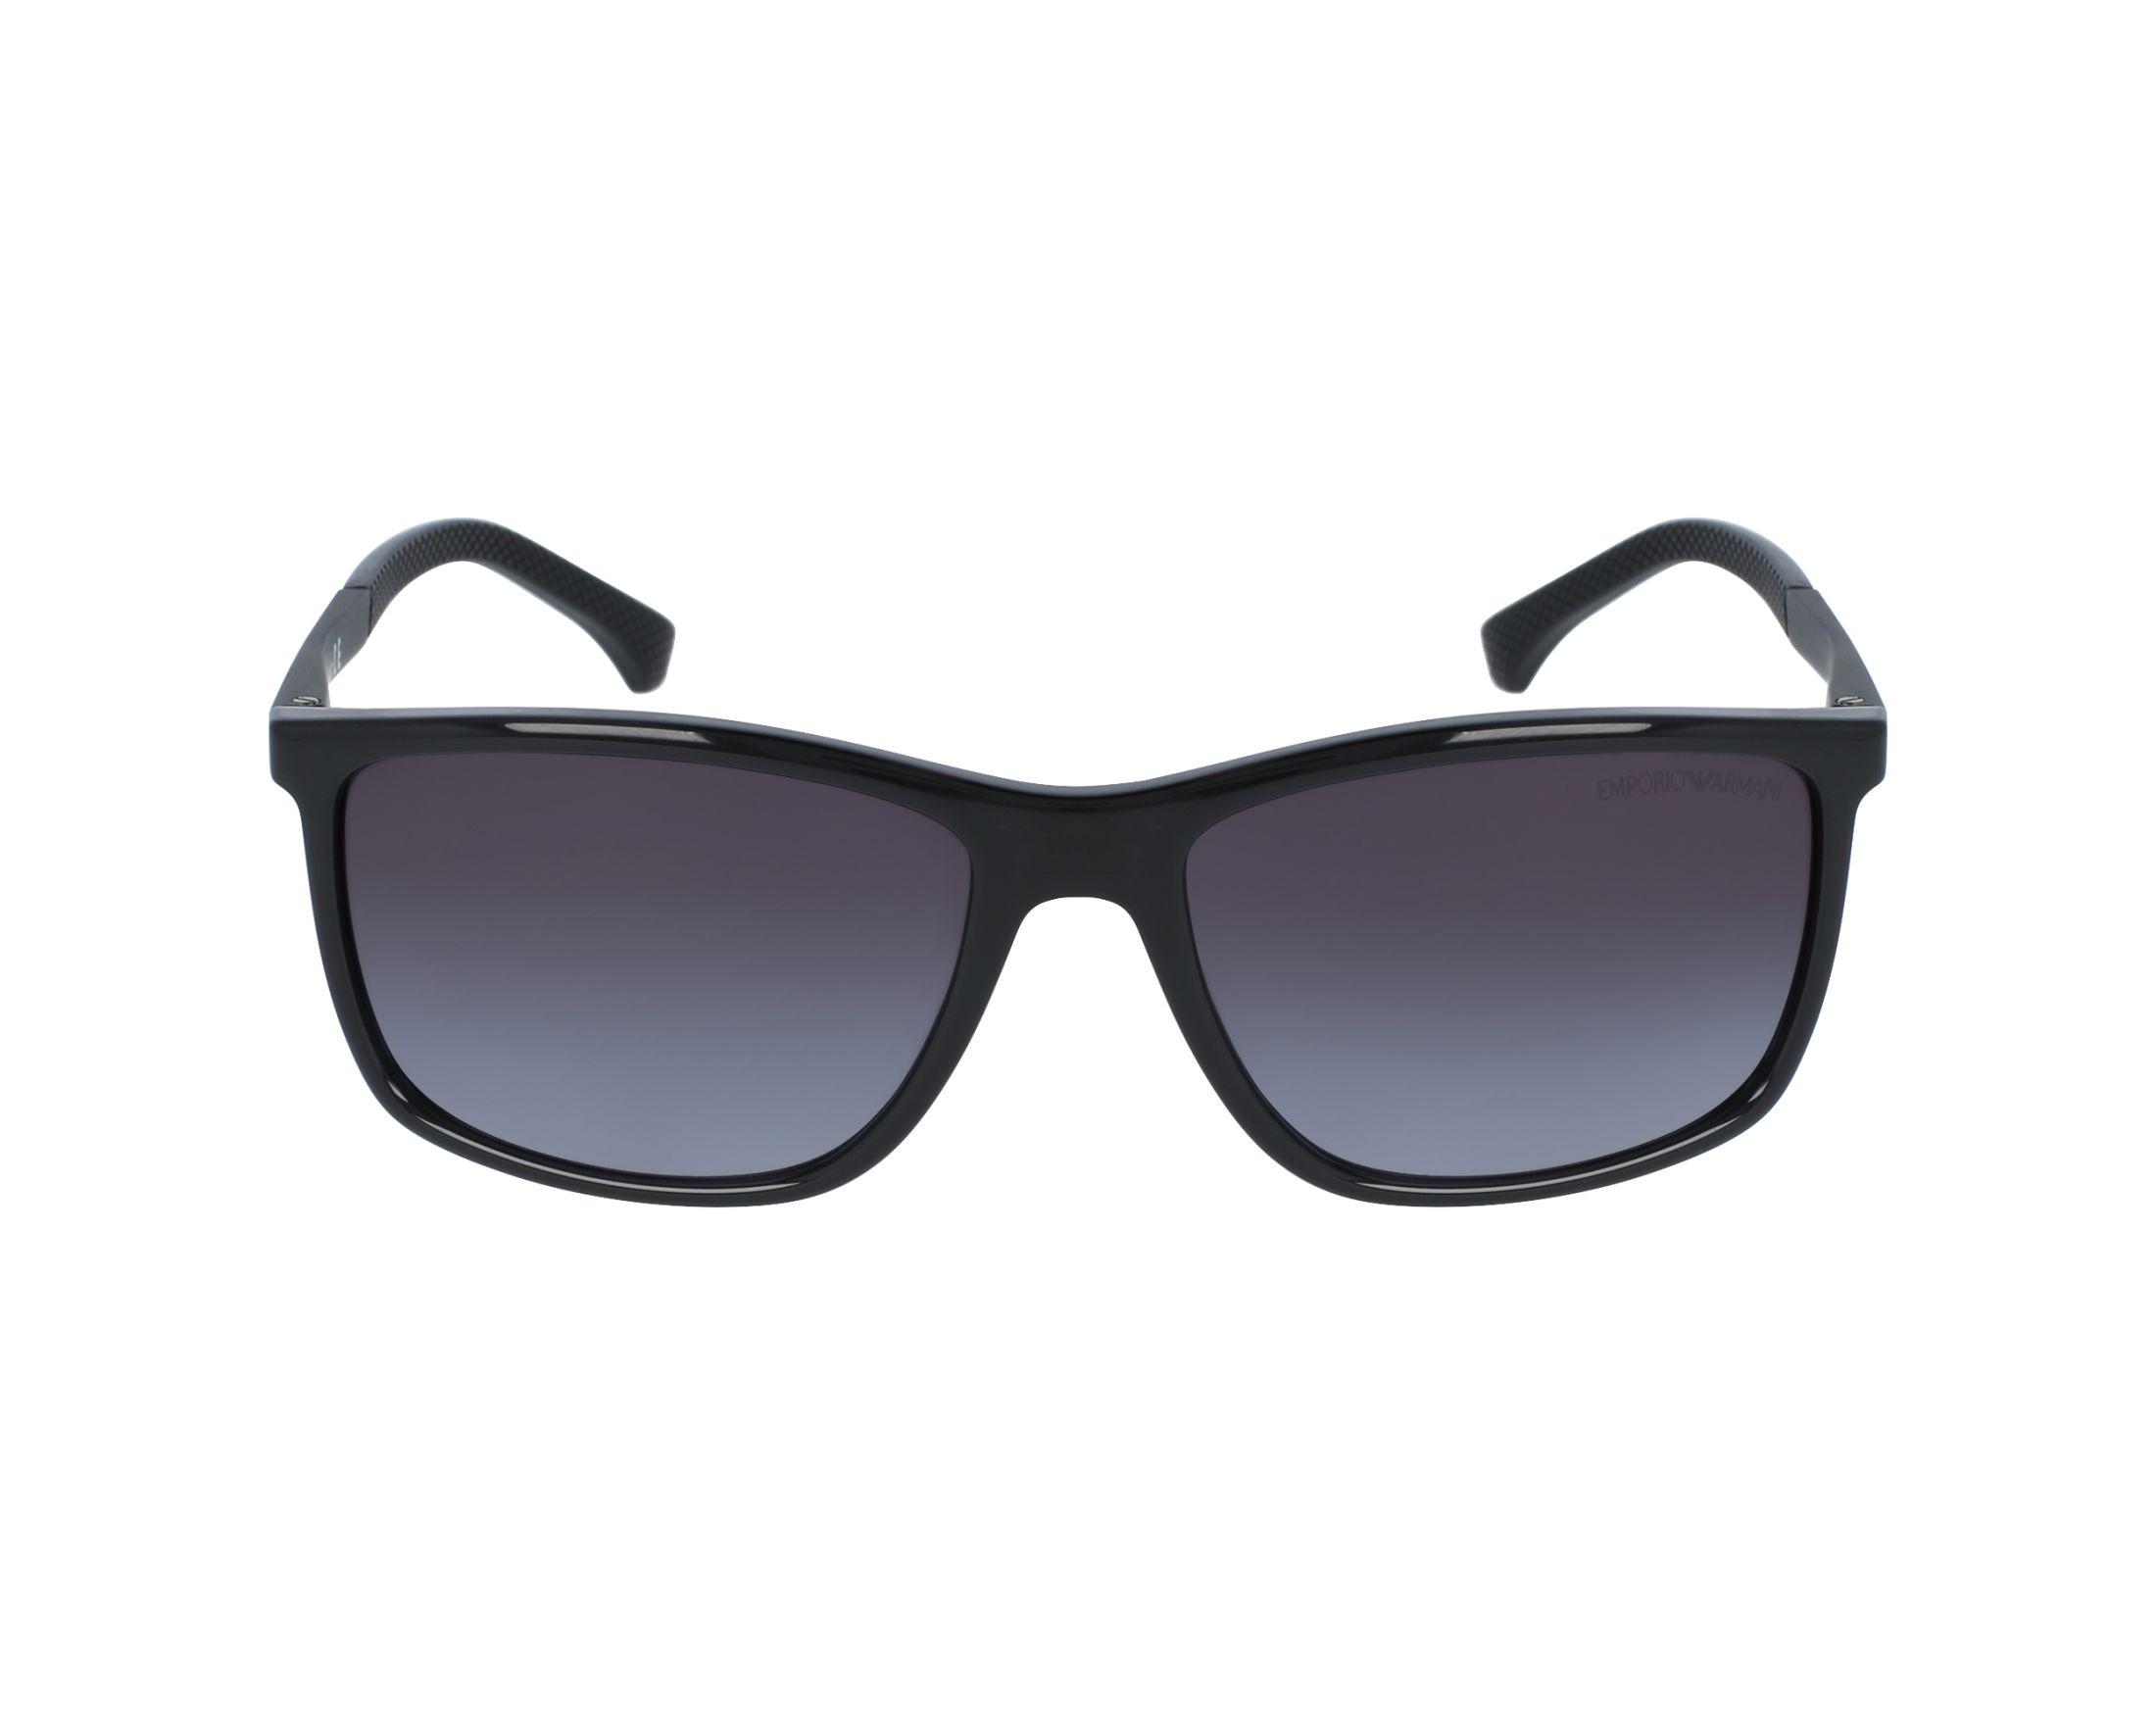 627ad21ec10 Sunglasses Emporio Armani EA-4058 5017 8G - Black Black profile view